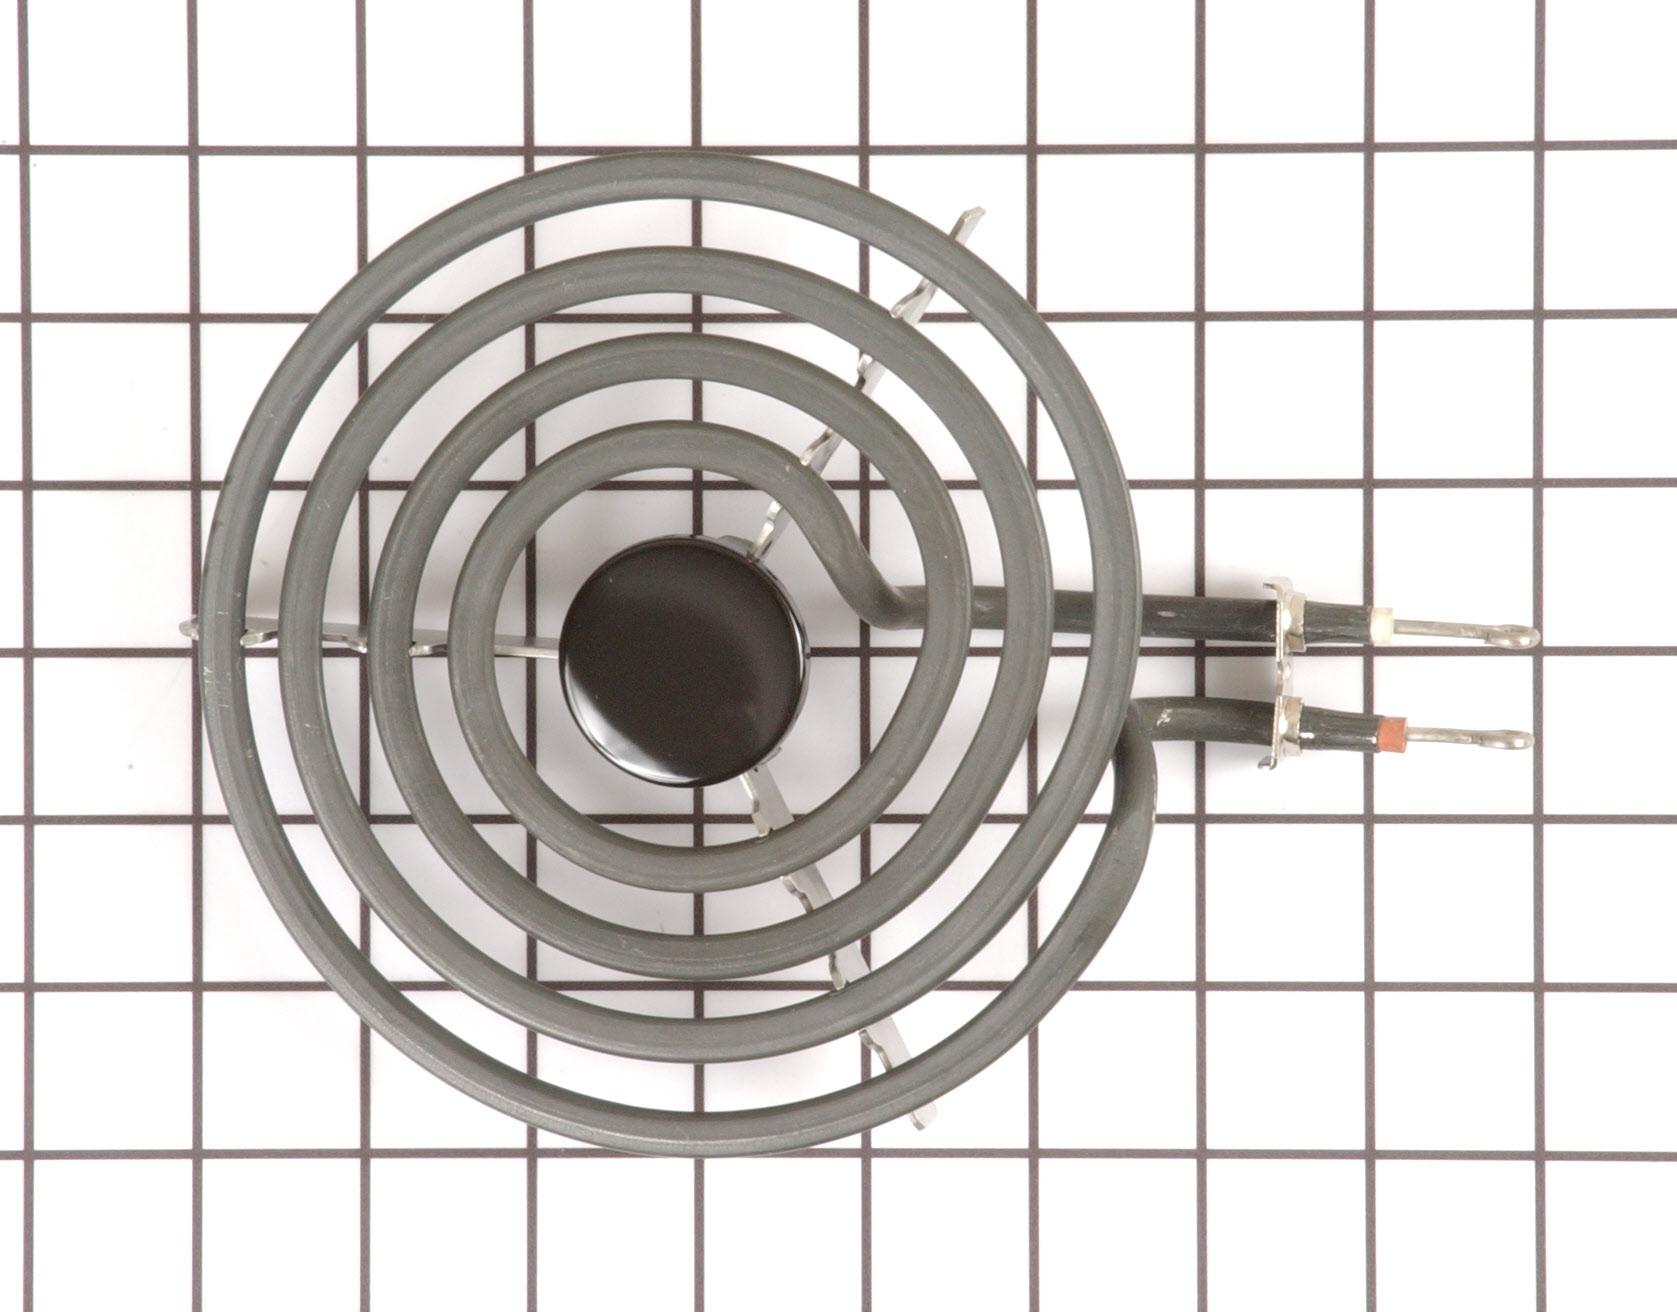 Caloric Range/Stove/Oven Part # WPW10259868 - Coil Surface Element